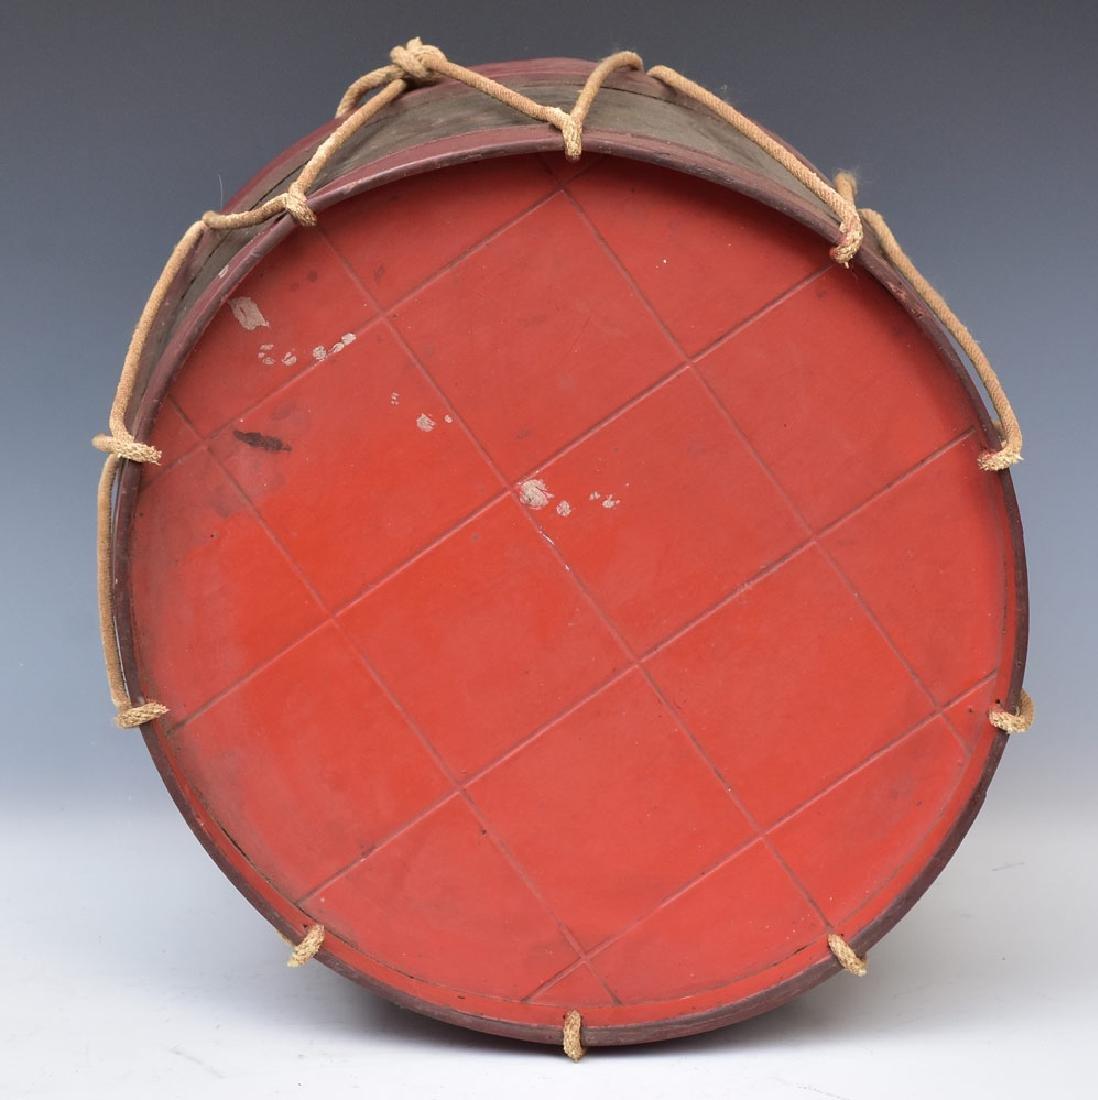 Regimental Style Drum - 4